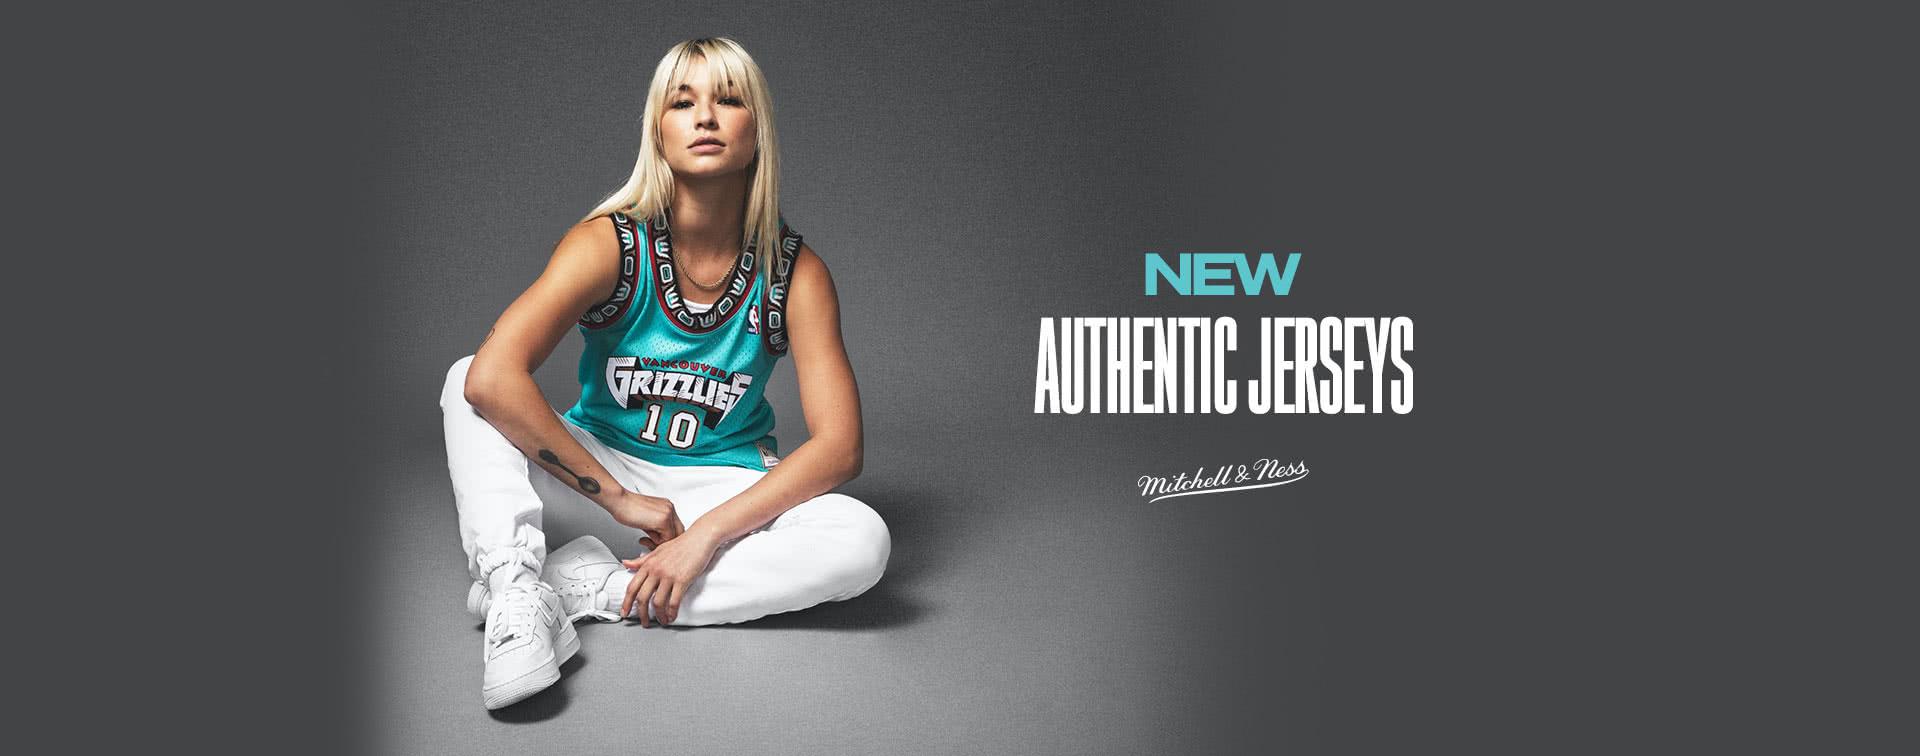 Mitchell & Ness : basketball top brands